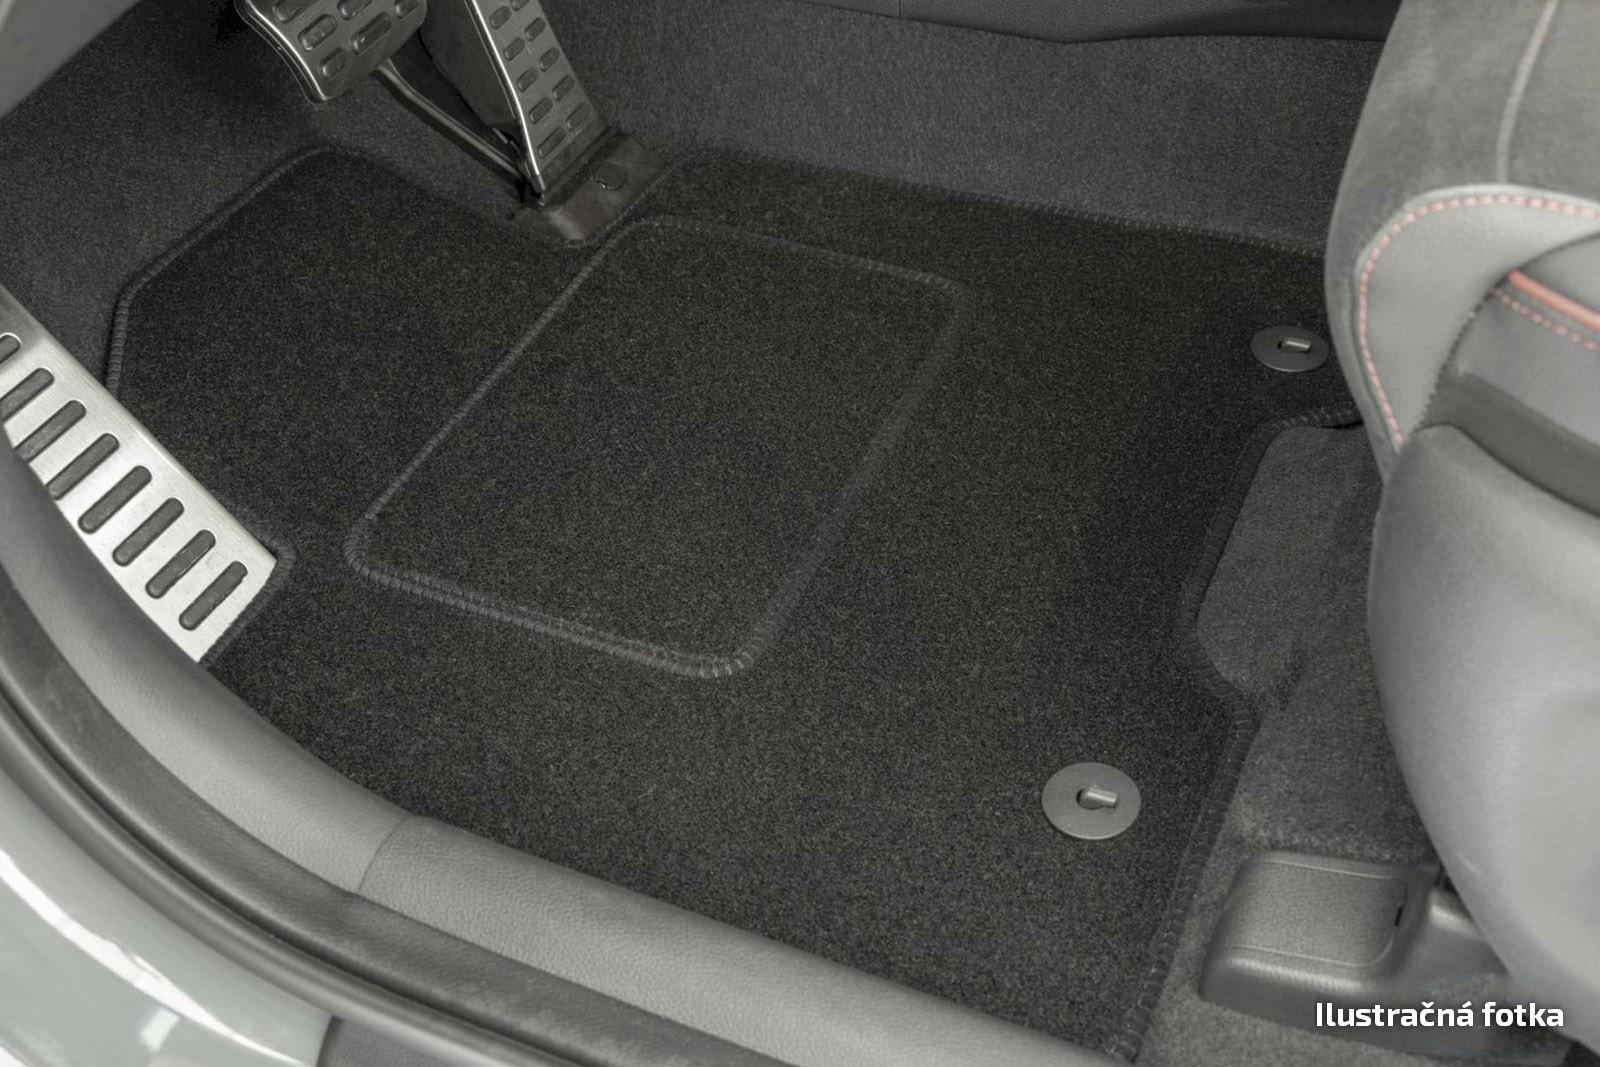 Poza cu Covorase din velur, Dodge Nitro, 2007-2012